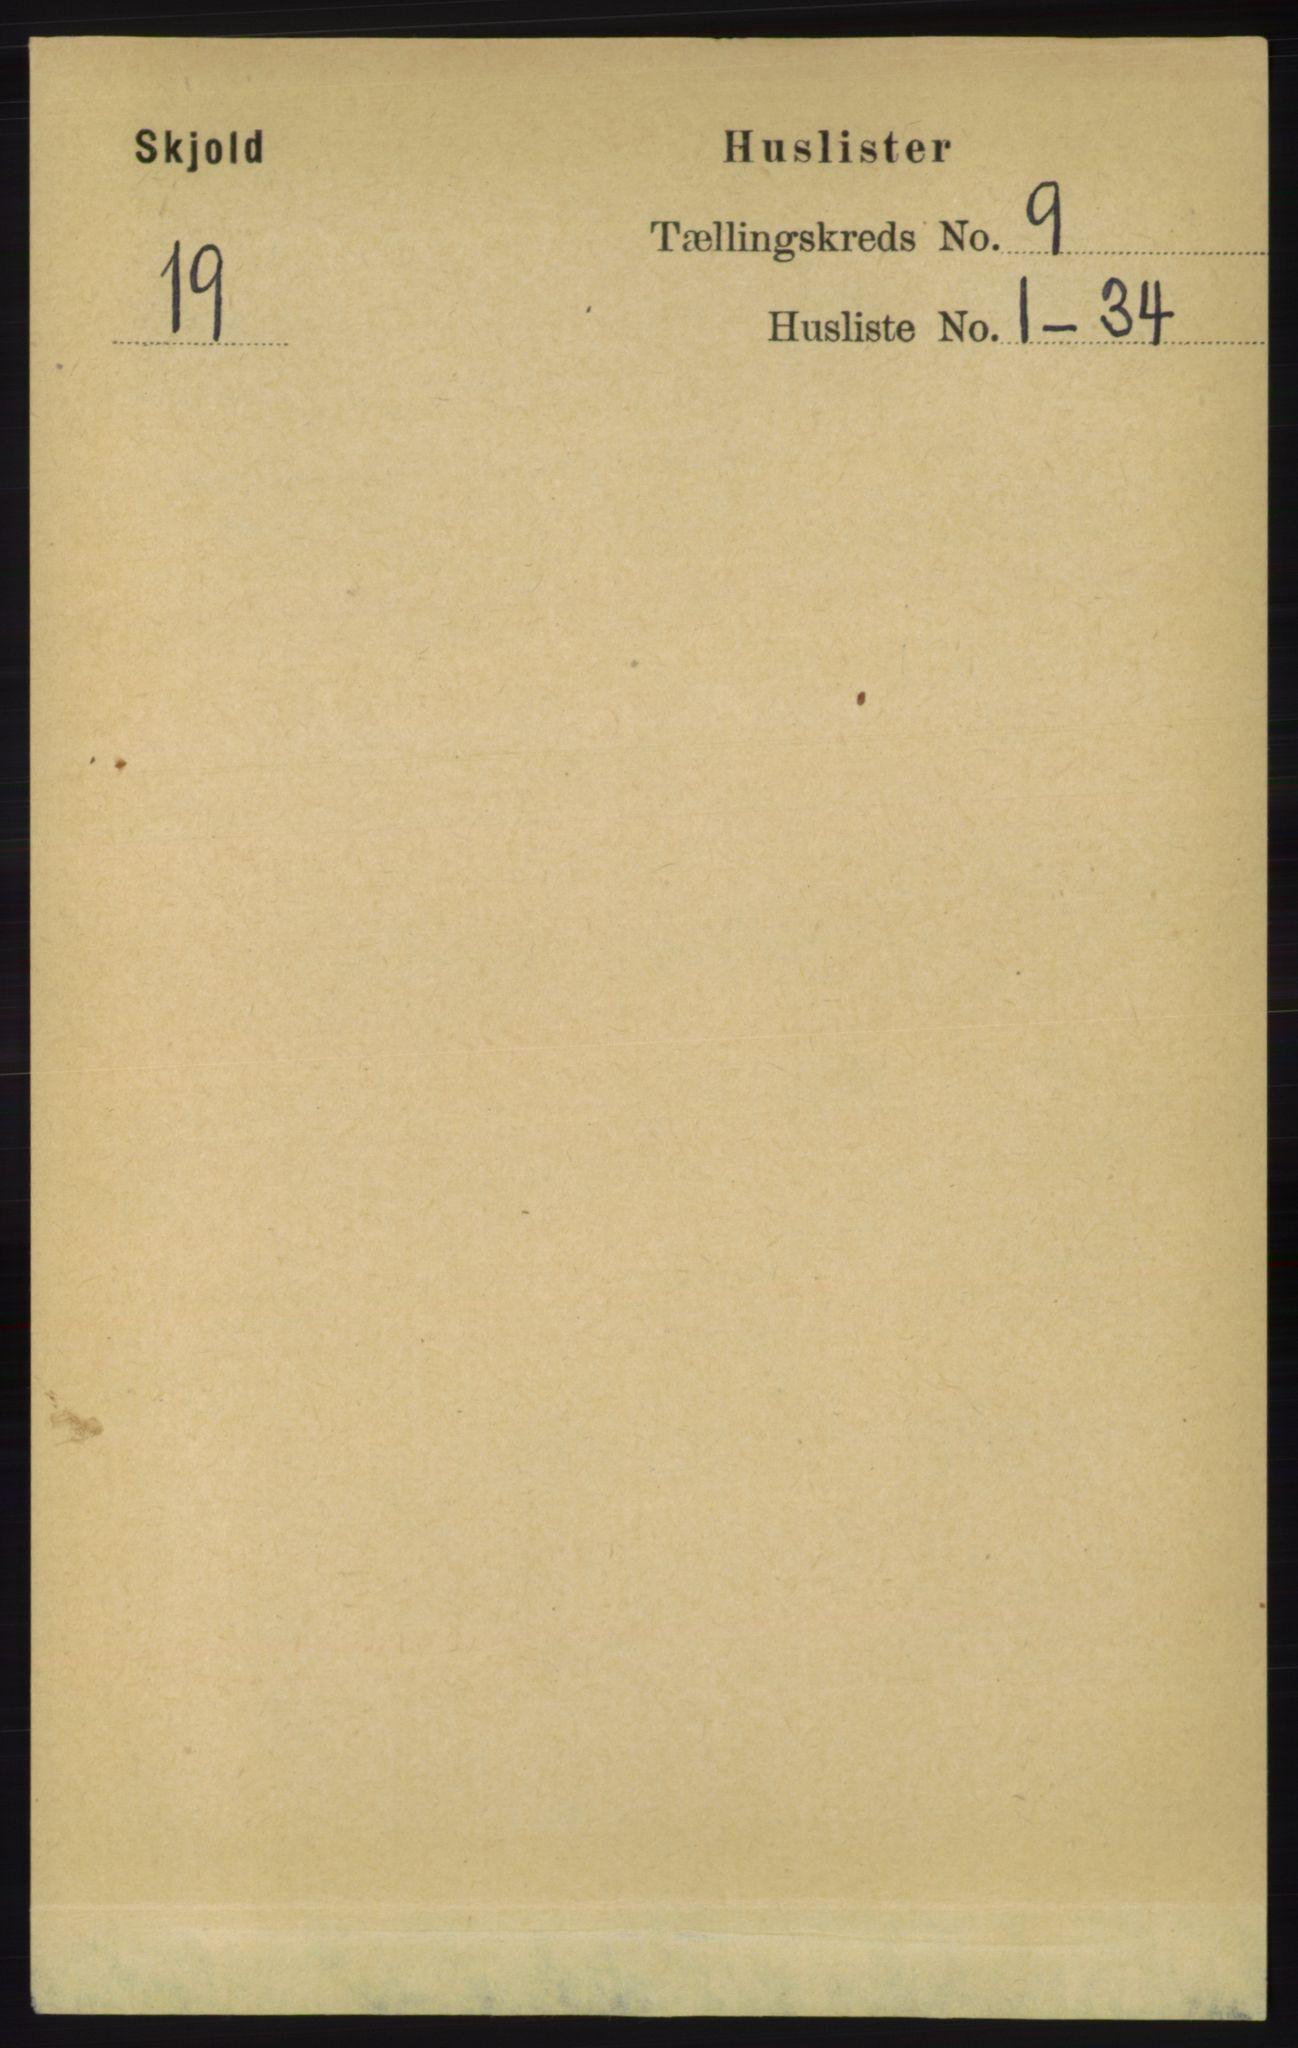 RA, Folketelling 1891 for 1154 Skjold herred, 1891, s. 1746